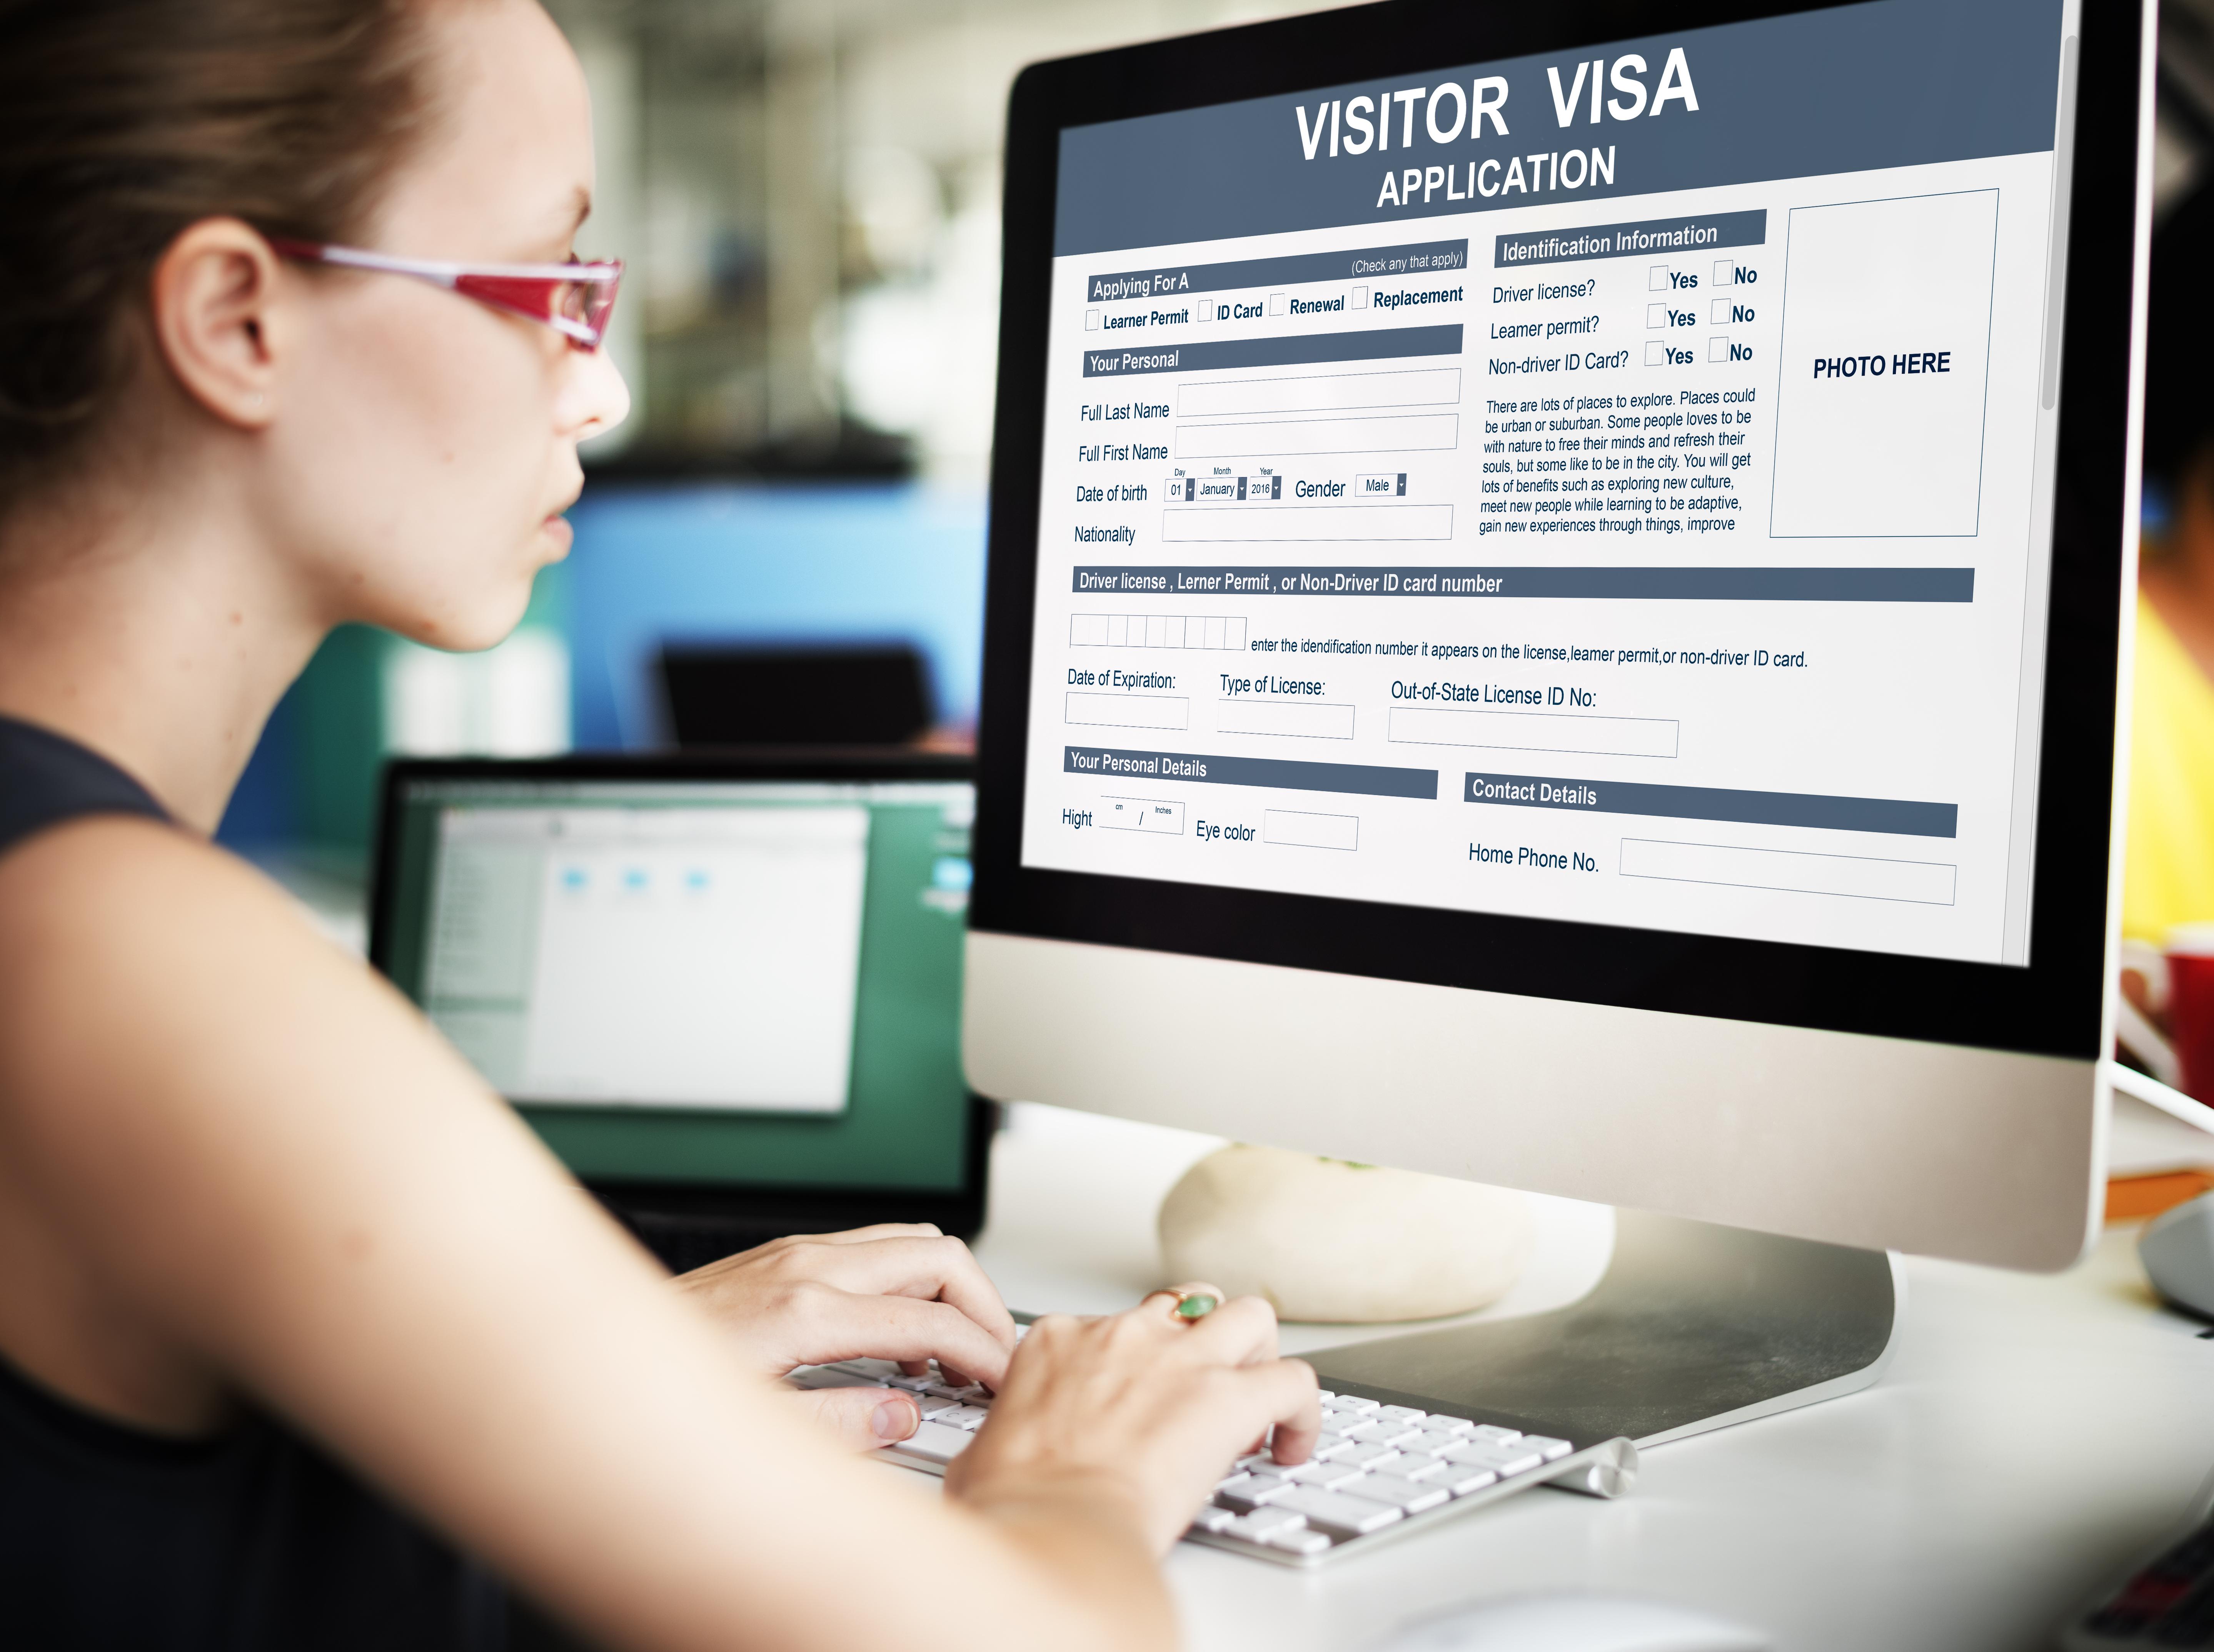 菲律賓遊學電子簽證申請